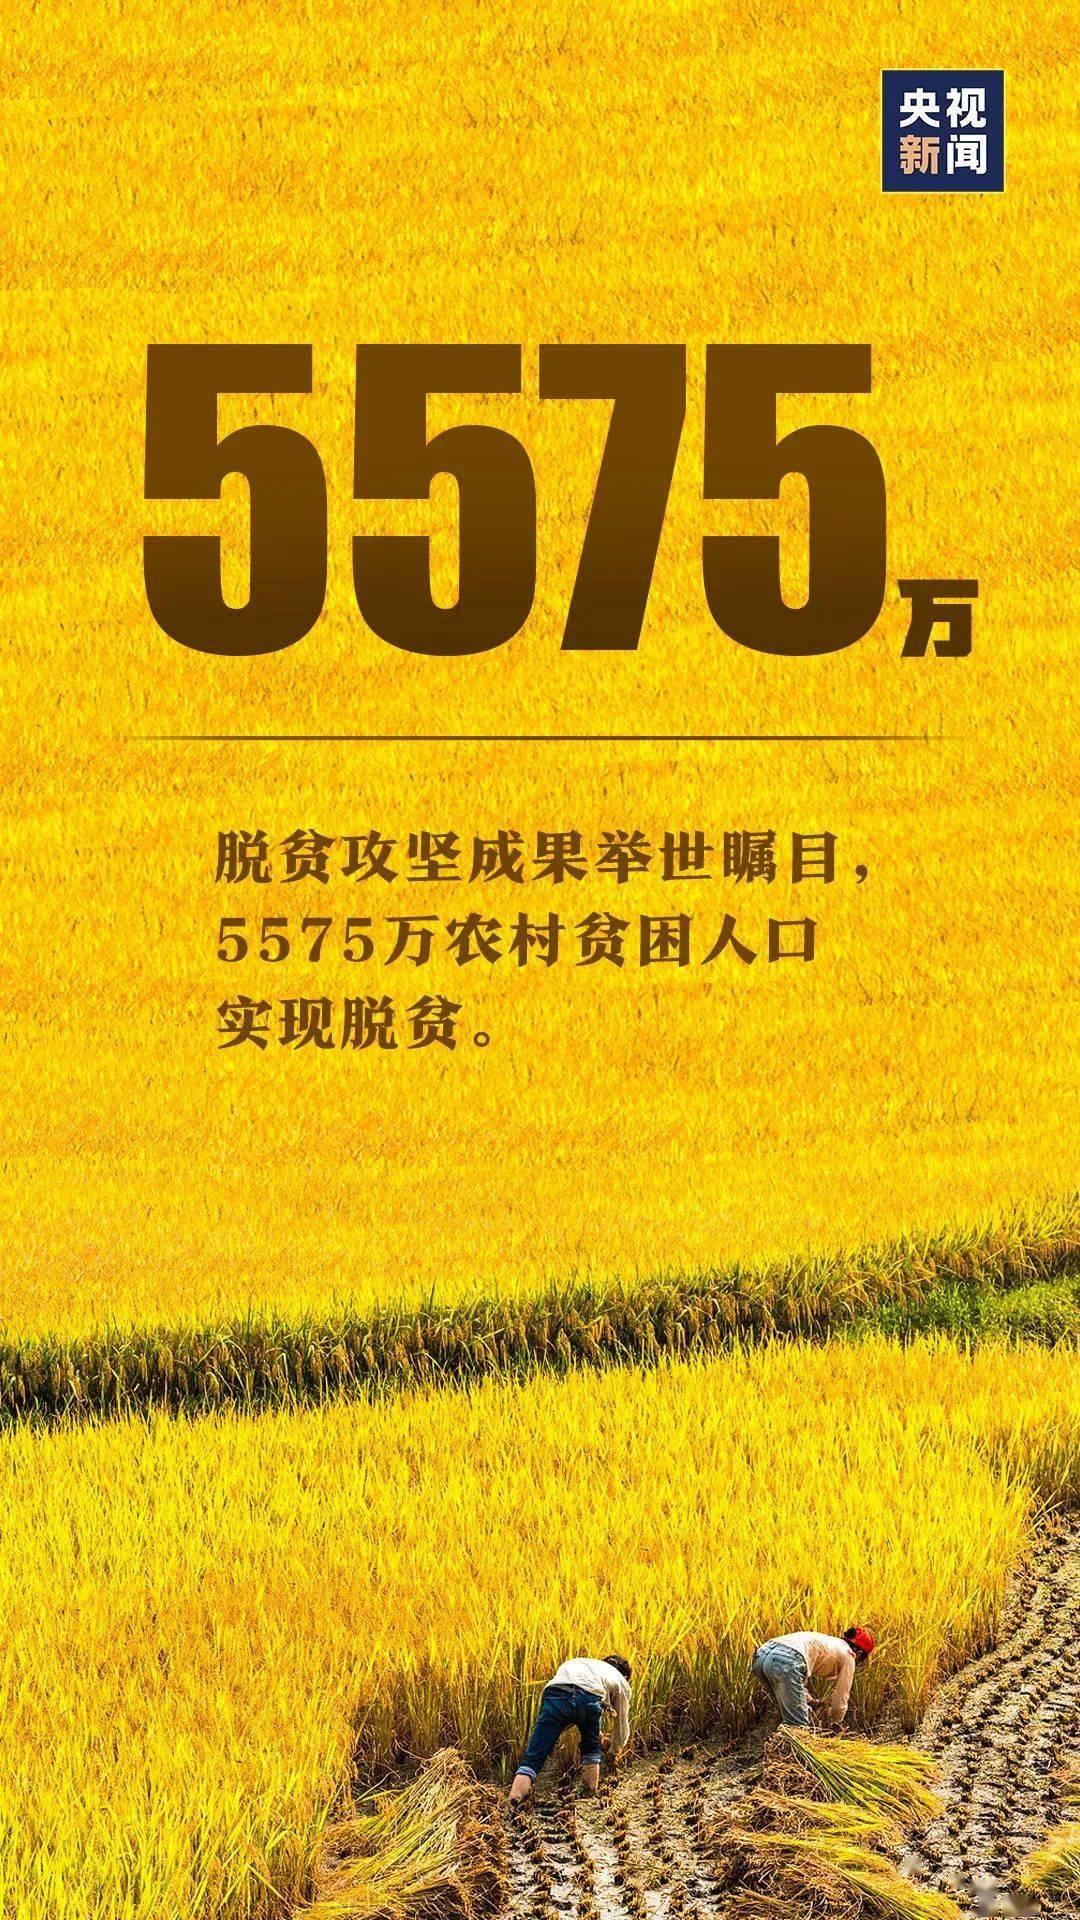 举世瞩目5575万农村贫困人口实现_农村贫困人口实现